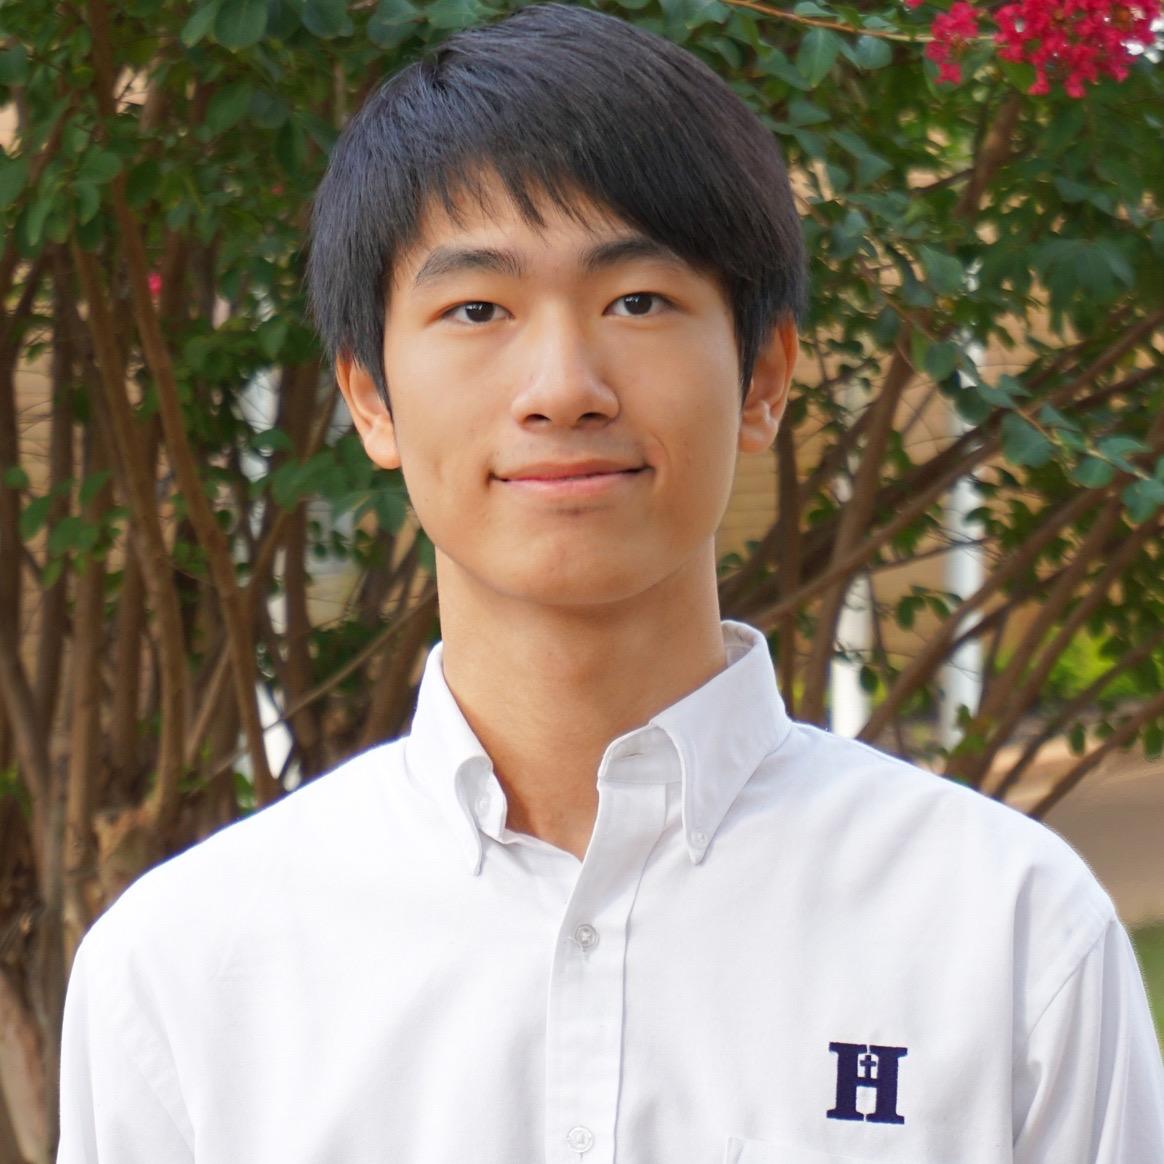 David Wang, senior